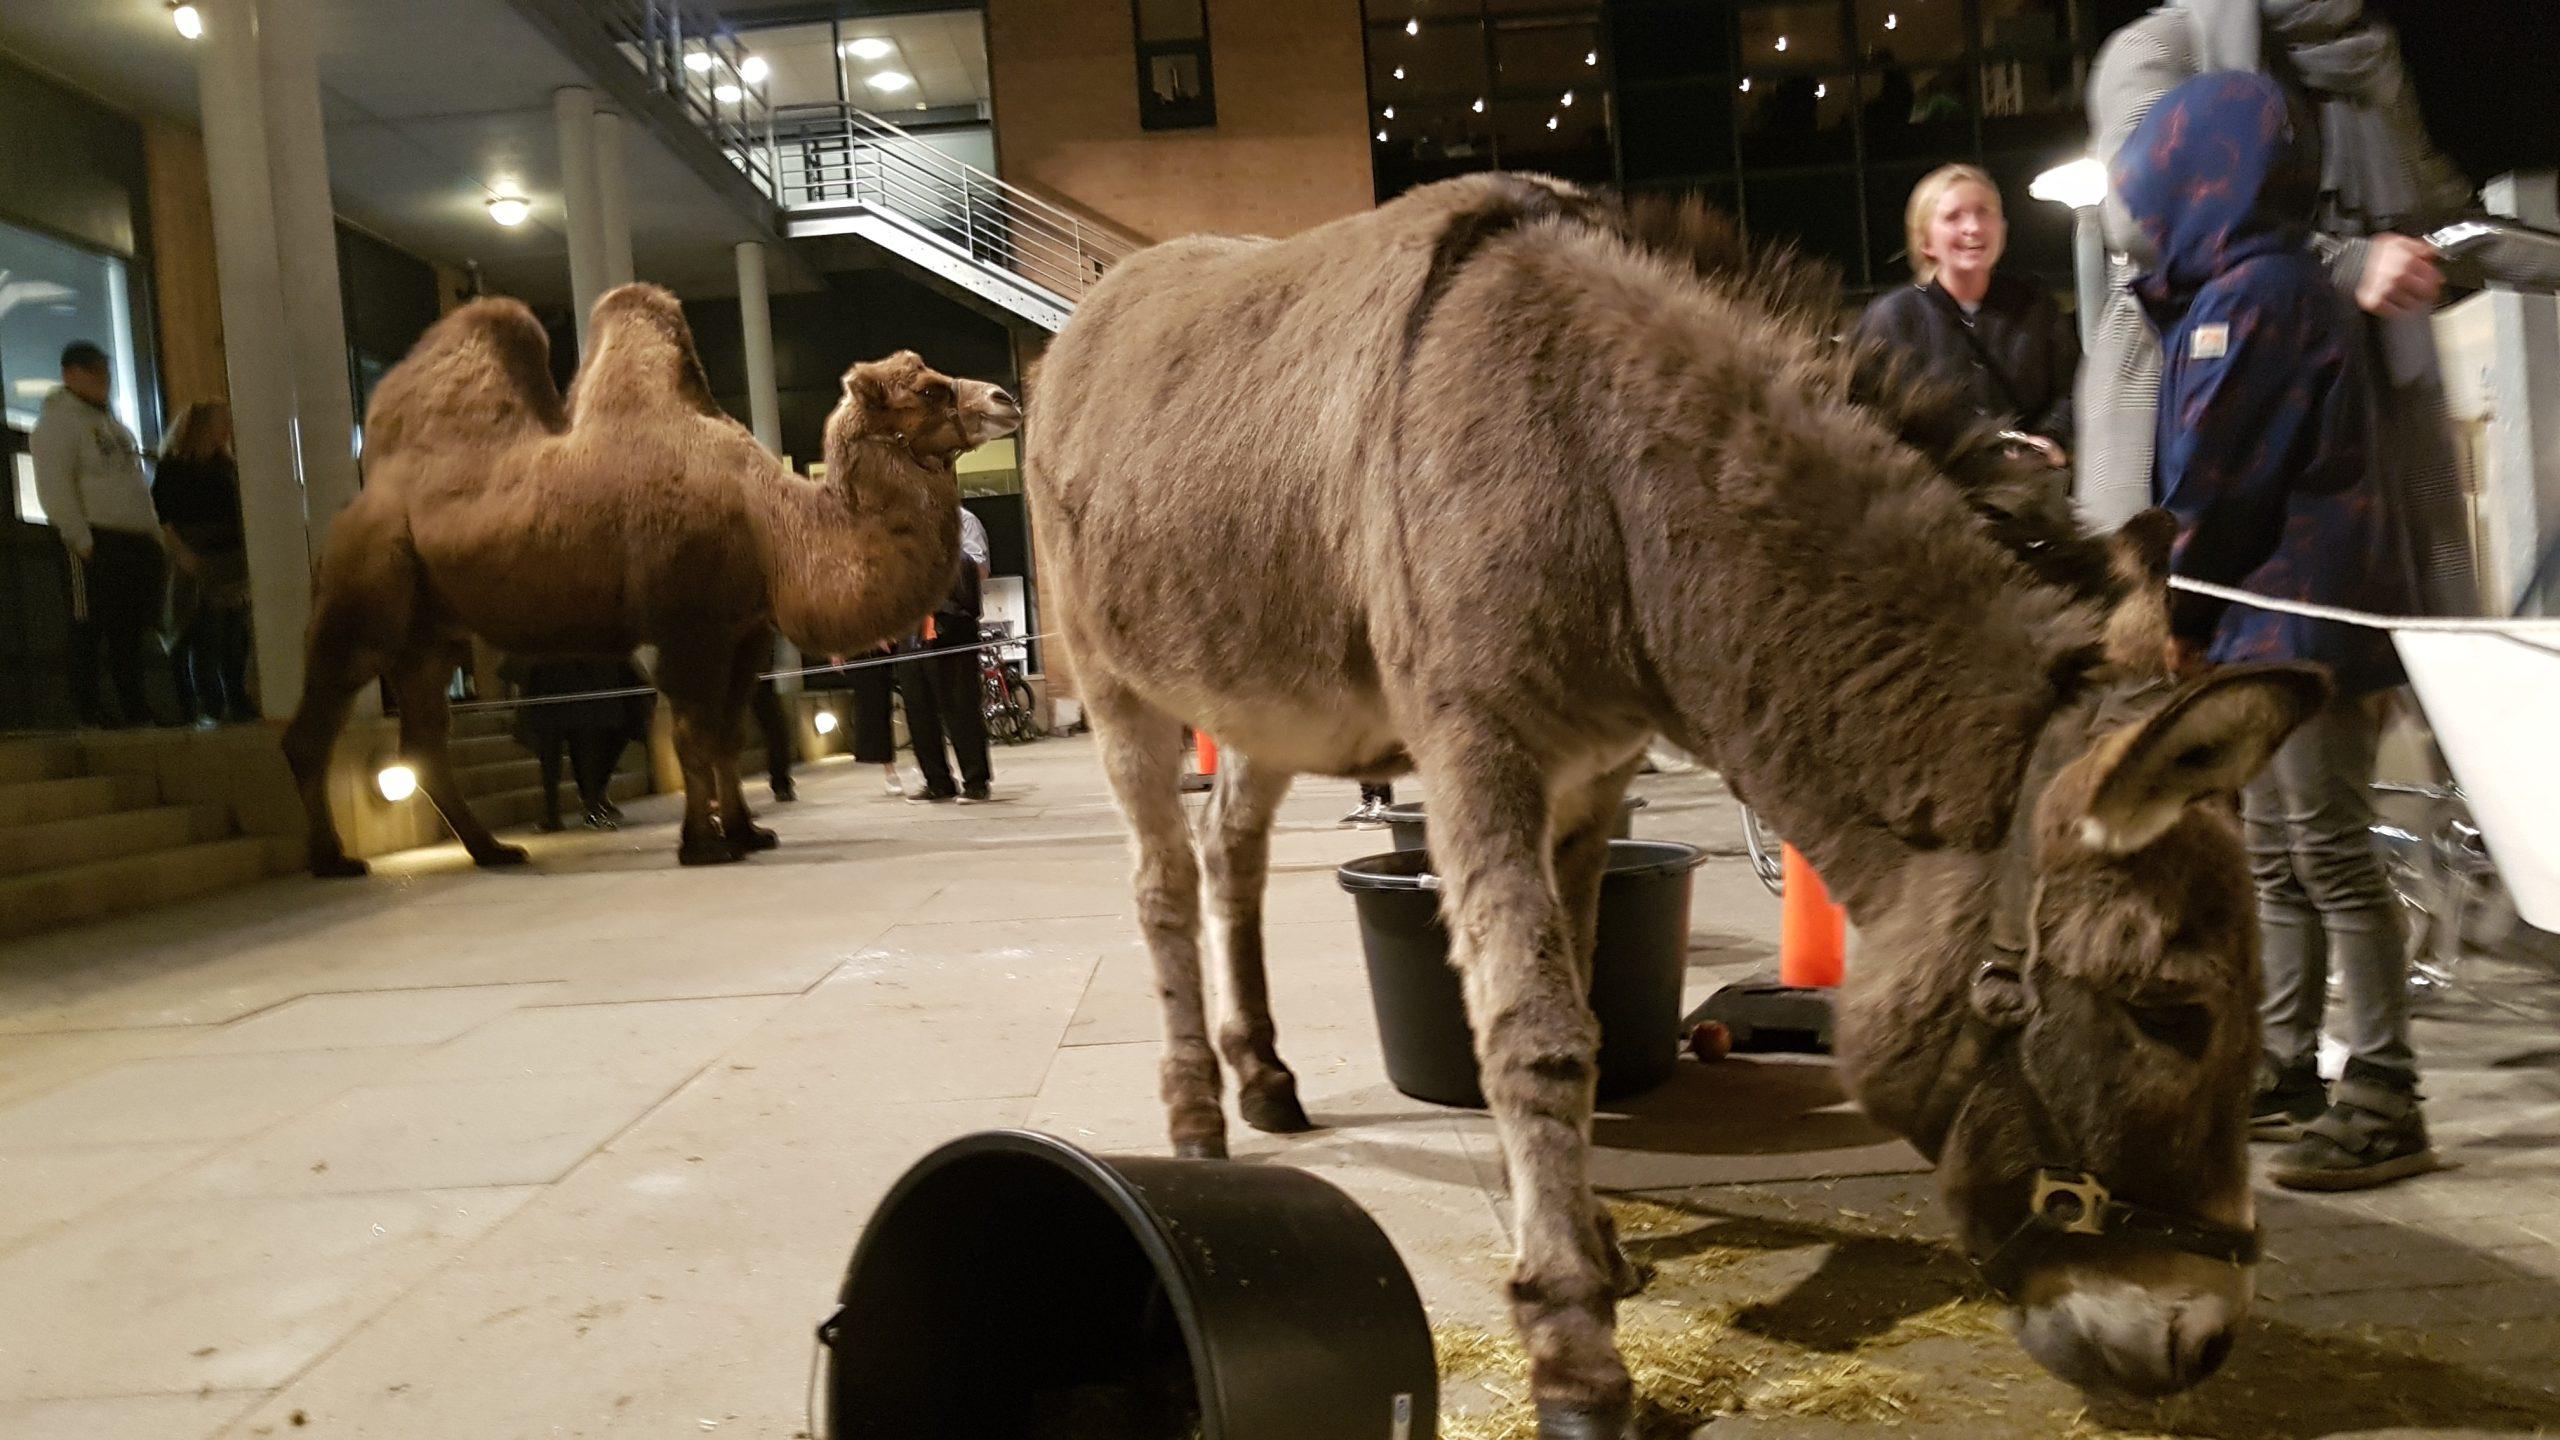 Hosting a camel